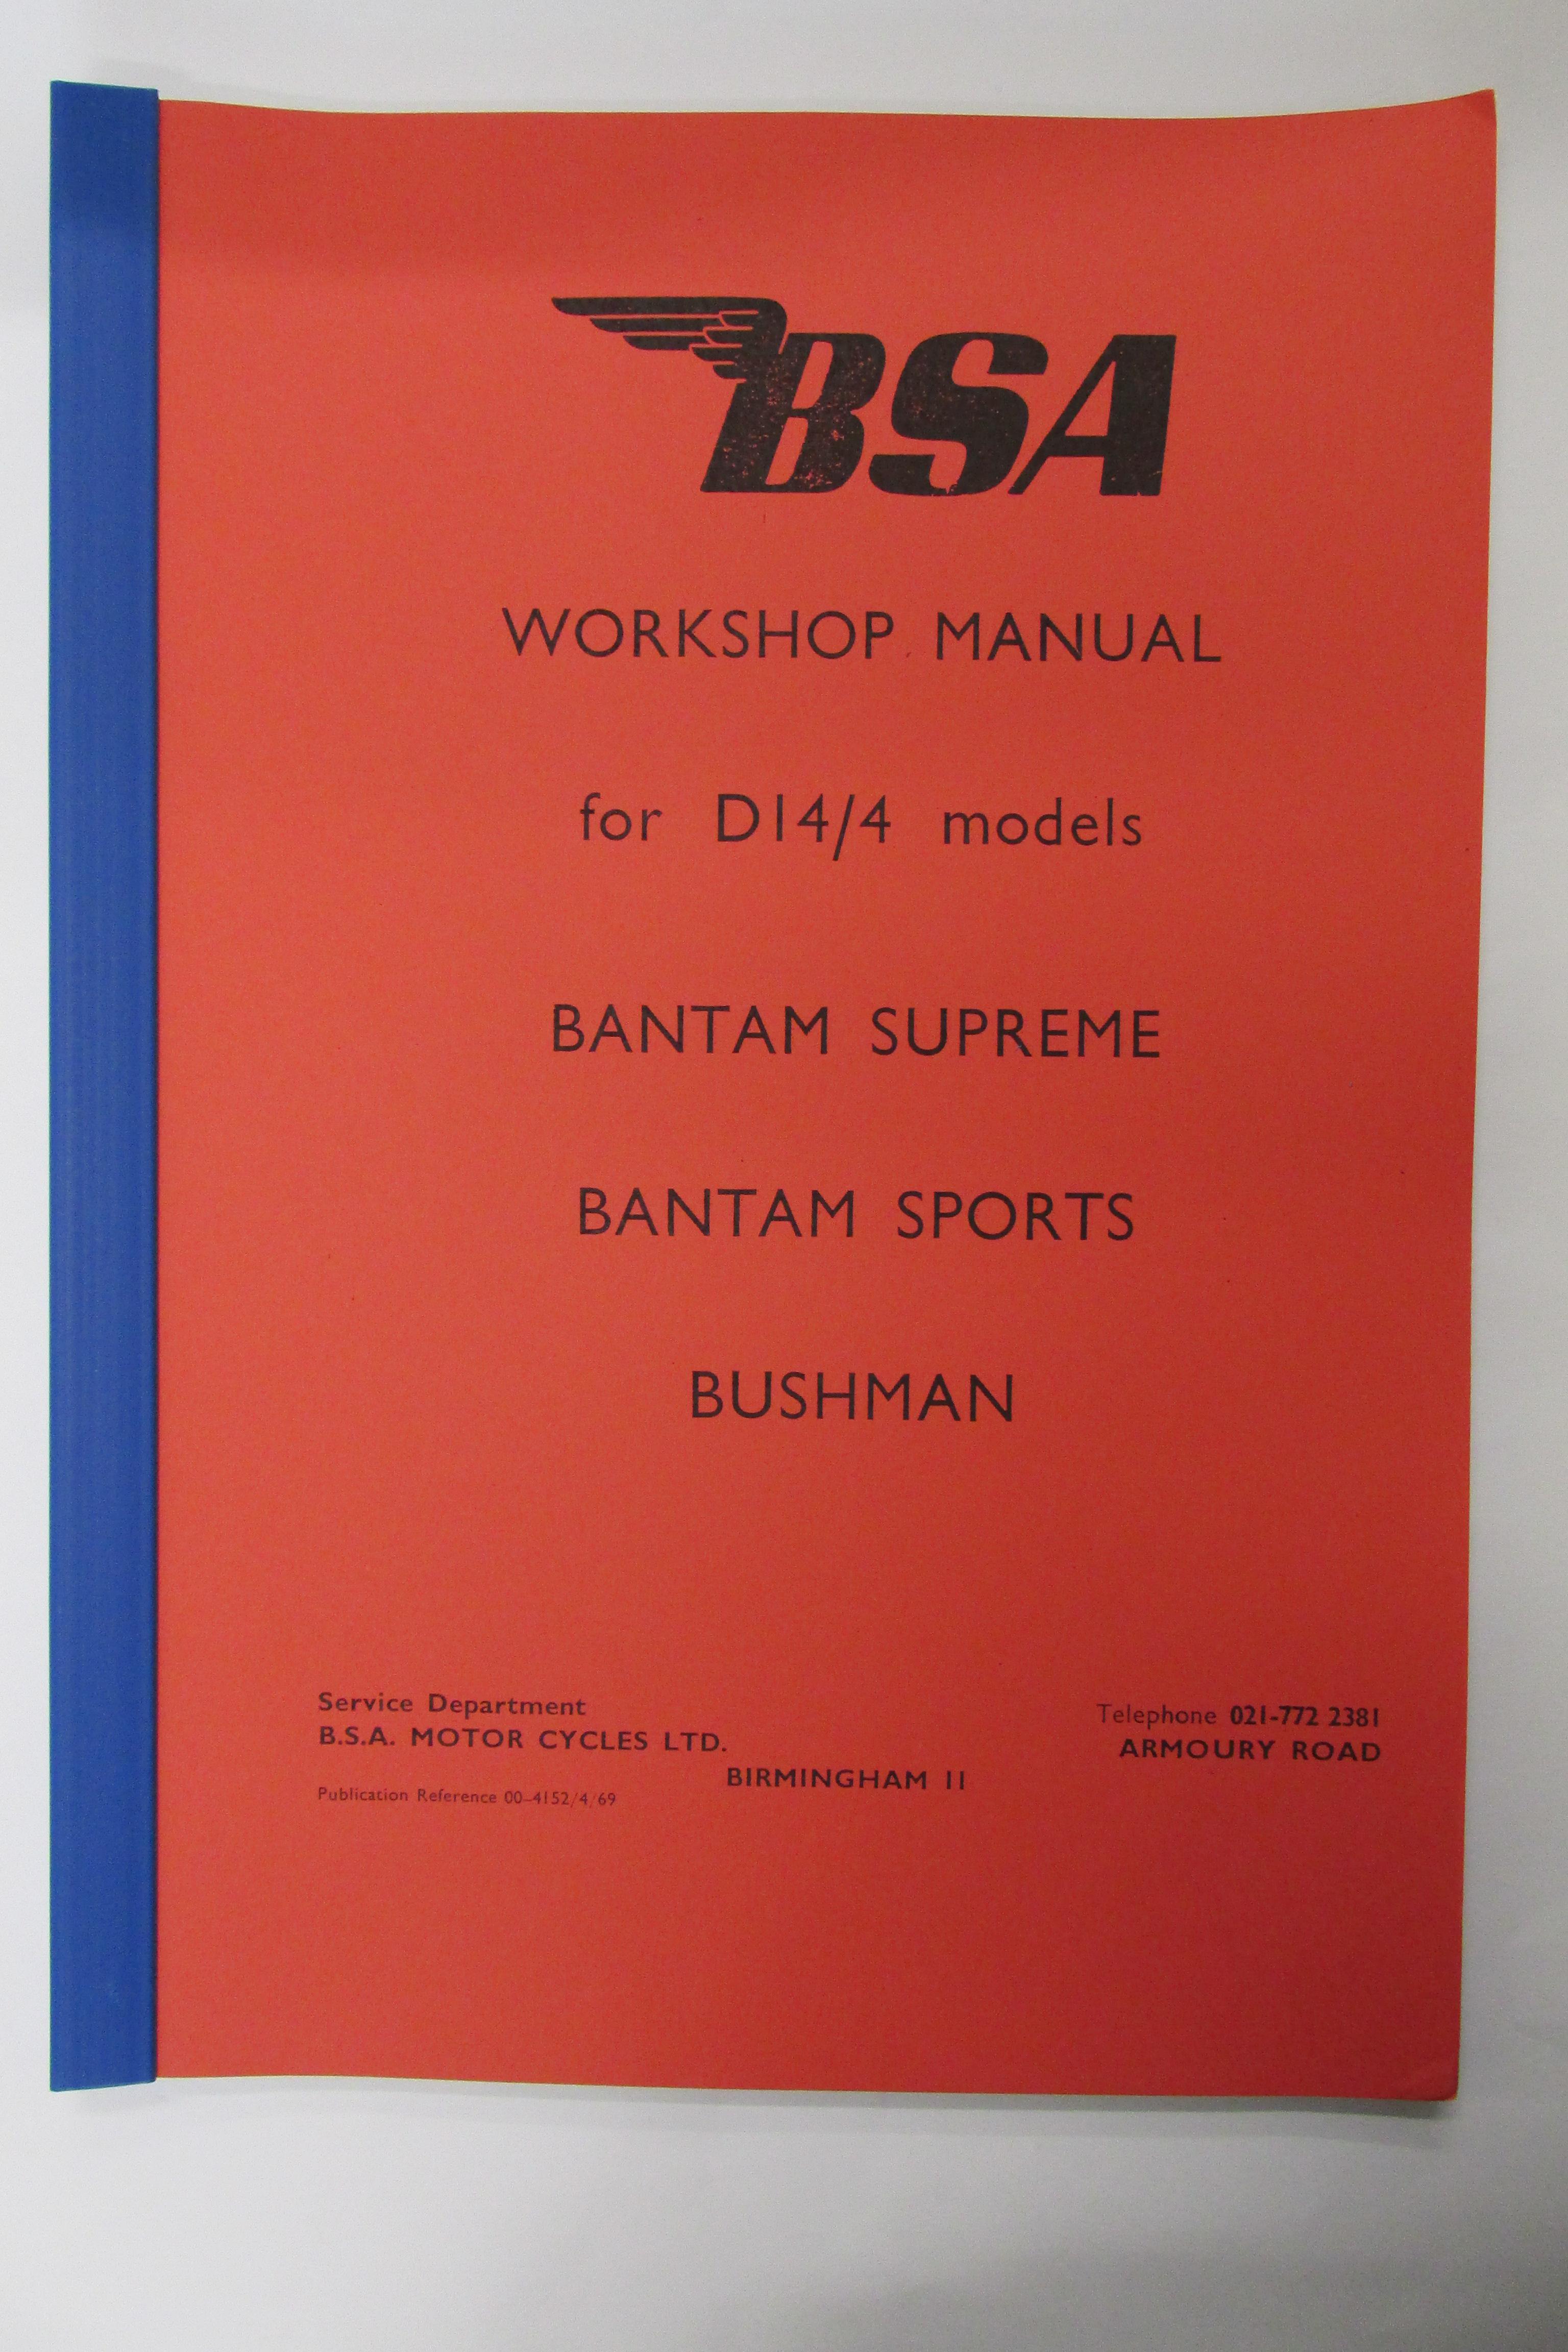 00-4152 WORKSHOP MANUAL BSA D14